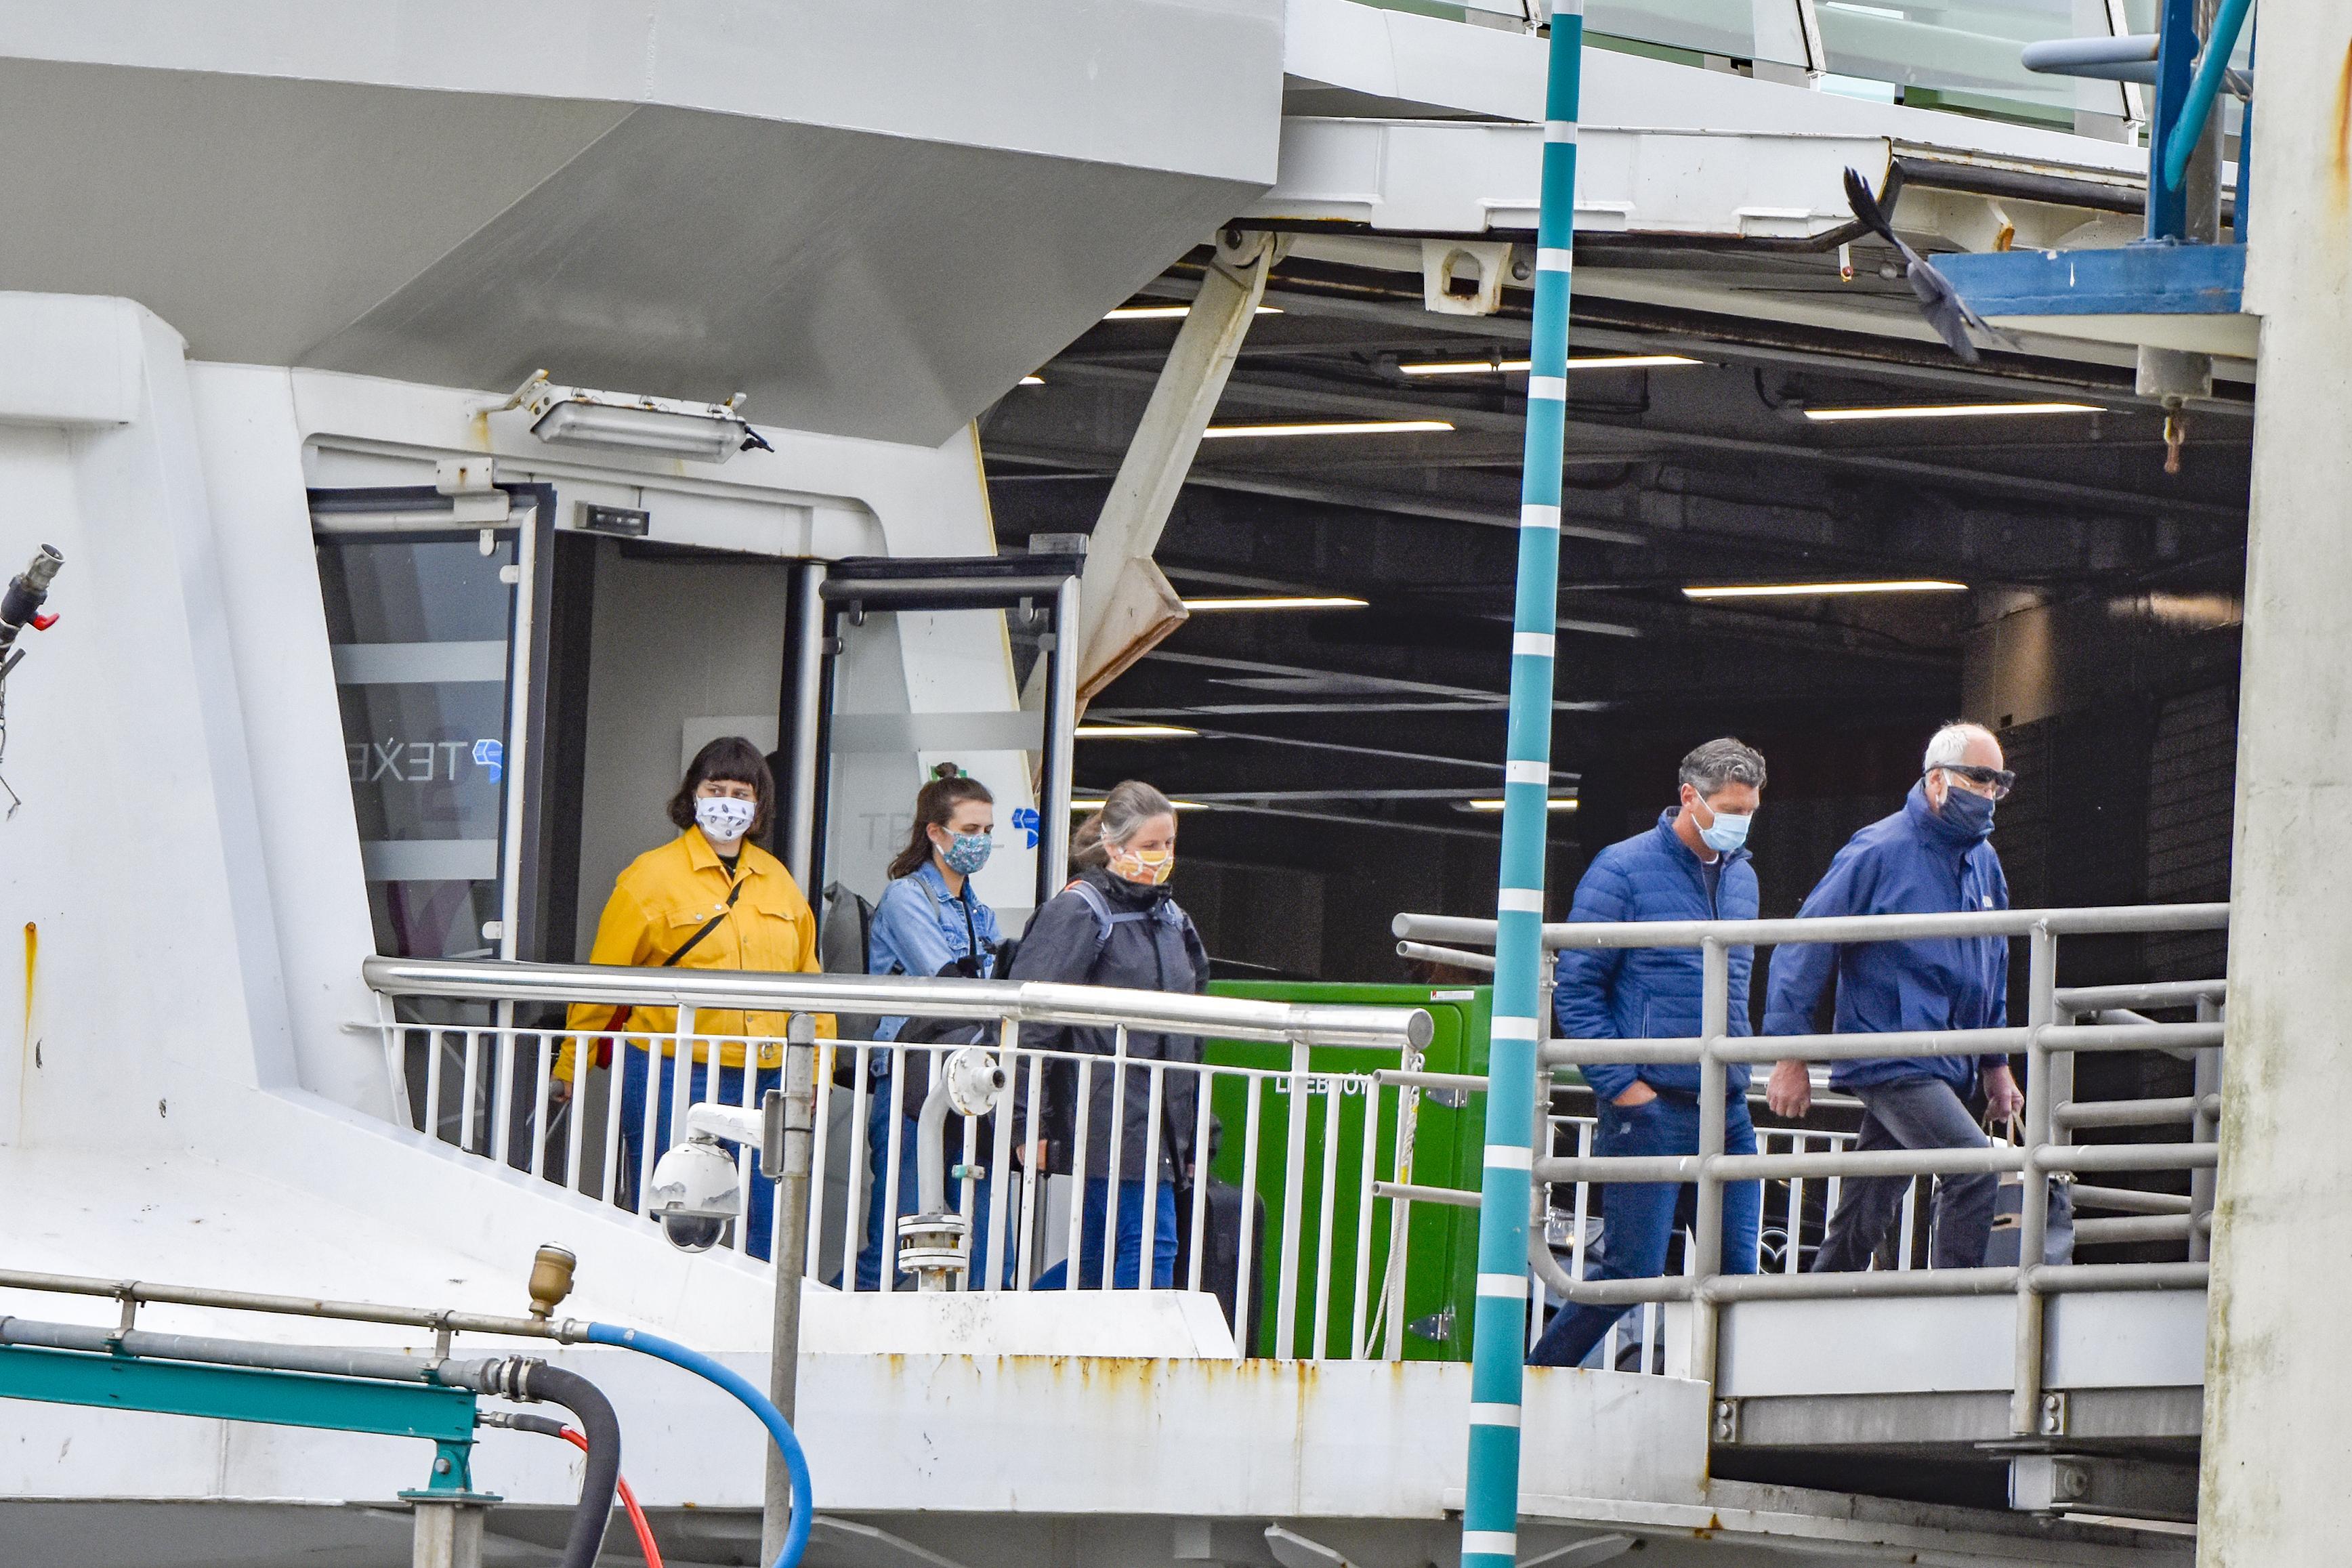 Waddeneilanden doen in brief aan staatssecretaris dringend beroep de regels voor veerdiensten te versoepelen: 'Toerisme is voor de eilanden dé levensader'